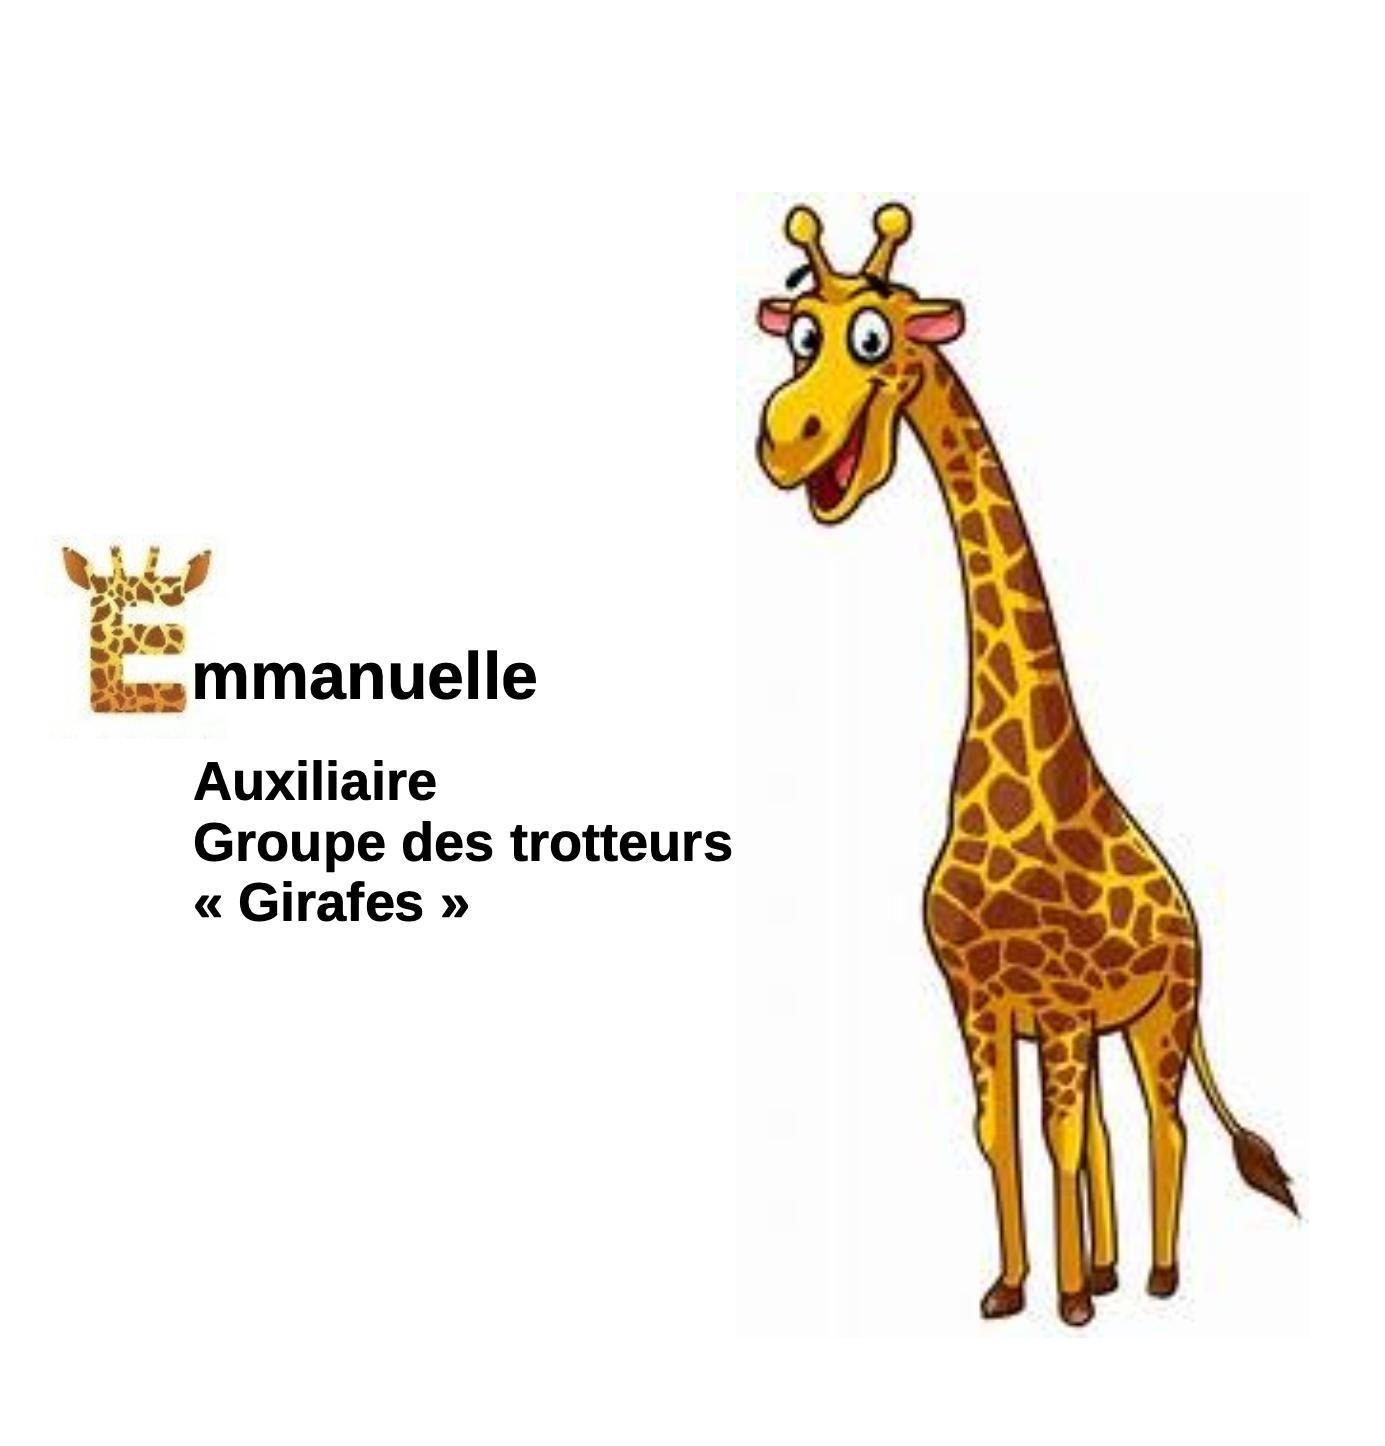 Emmanuelle, Auxiliaire